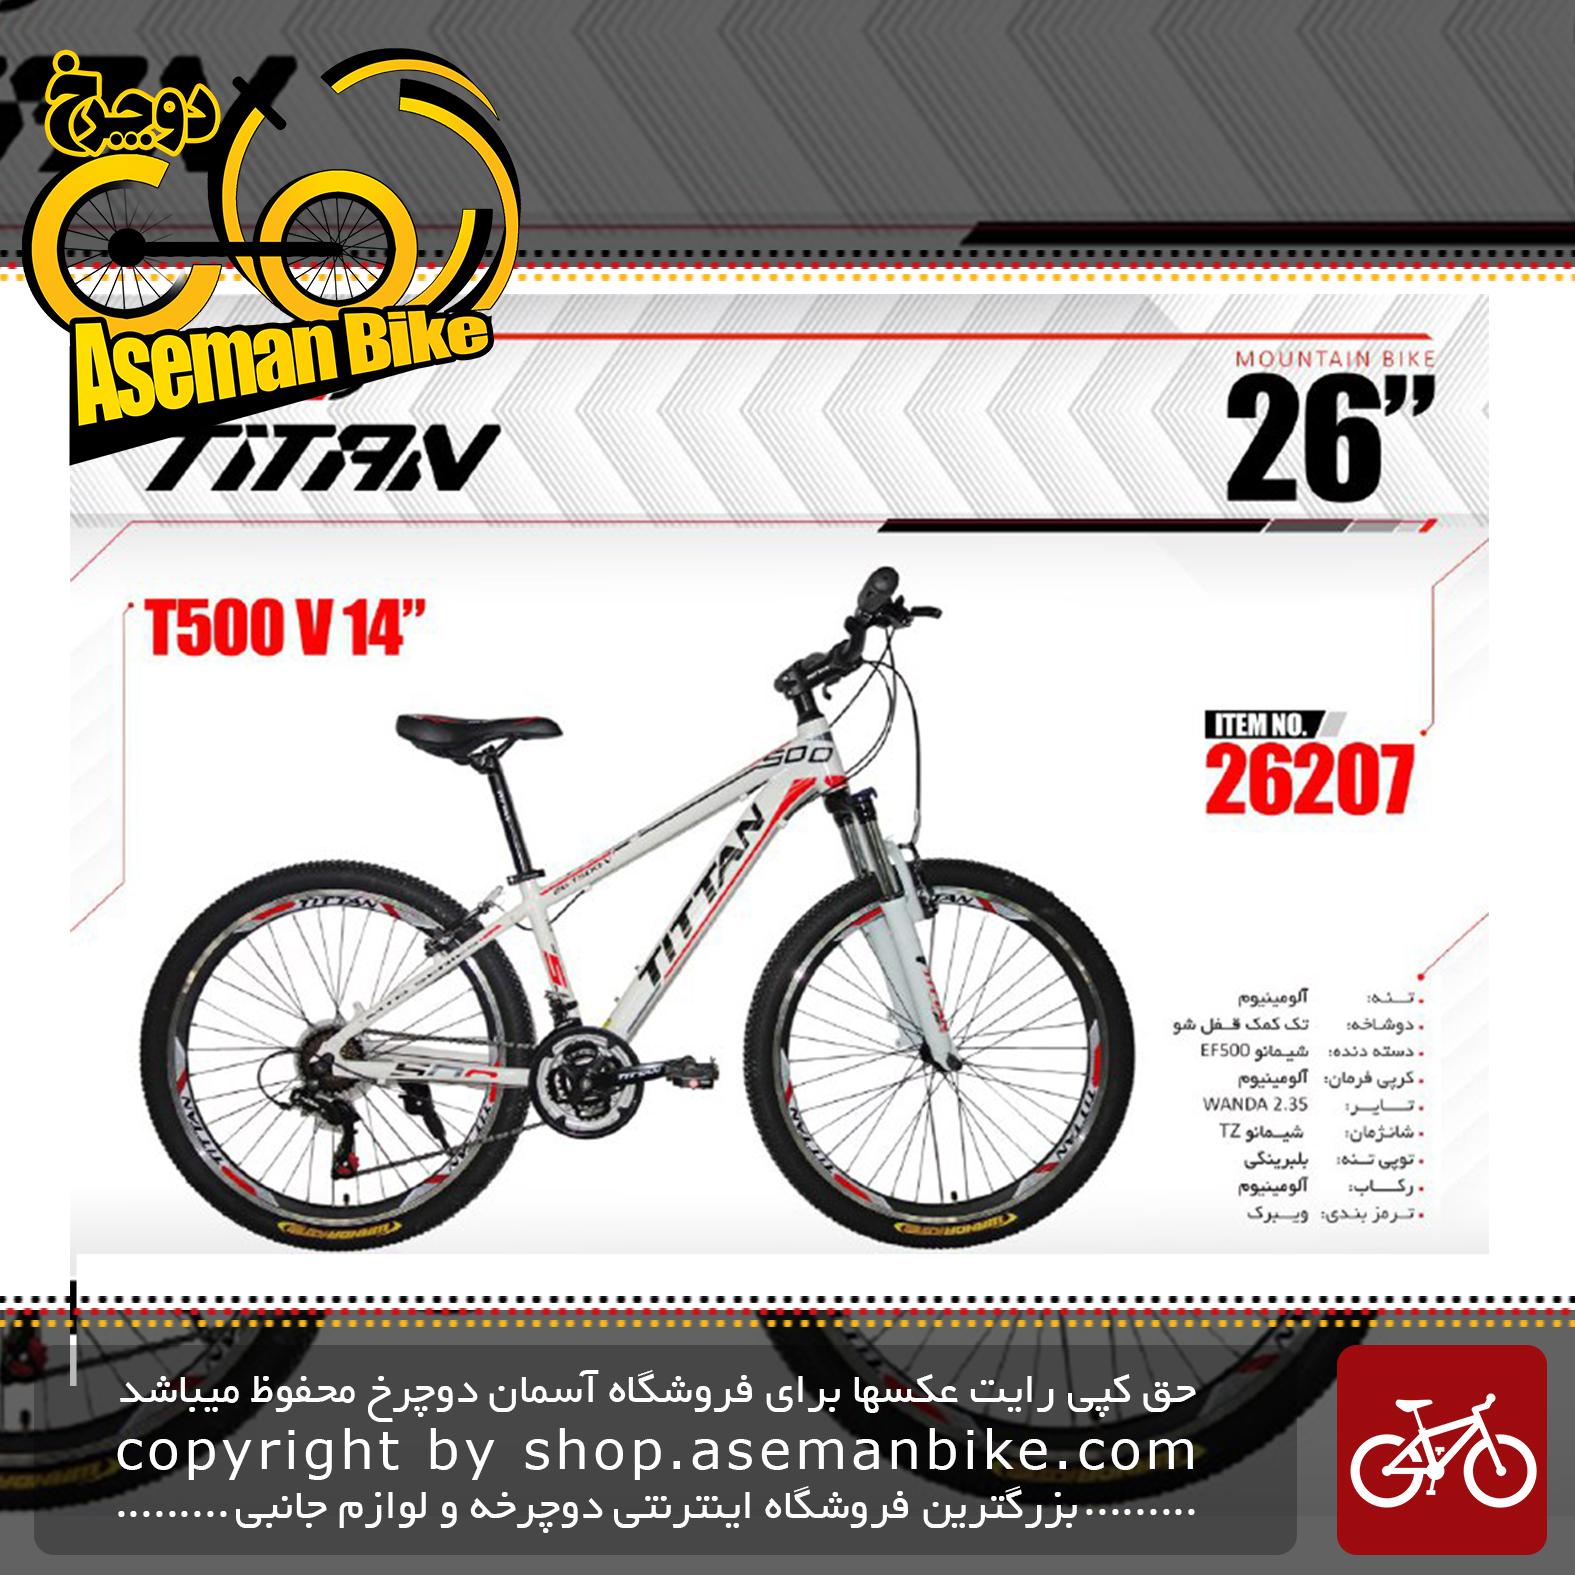 دوچرخه کوهستان تایتان سایز 26دیسکی مدل تی 500 وی14 14 TITAN SIZE 26 T500V